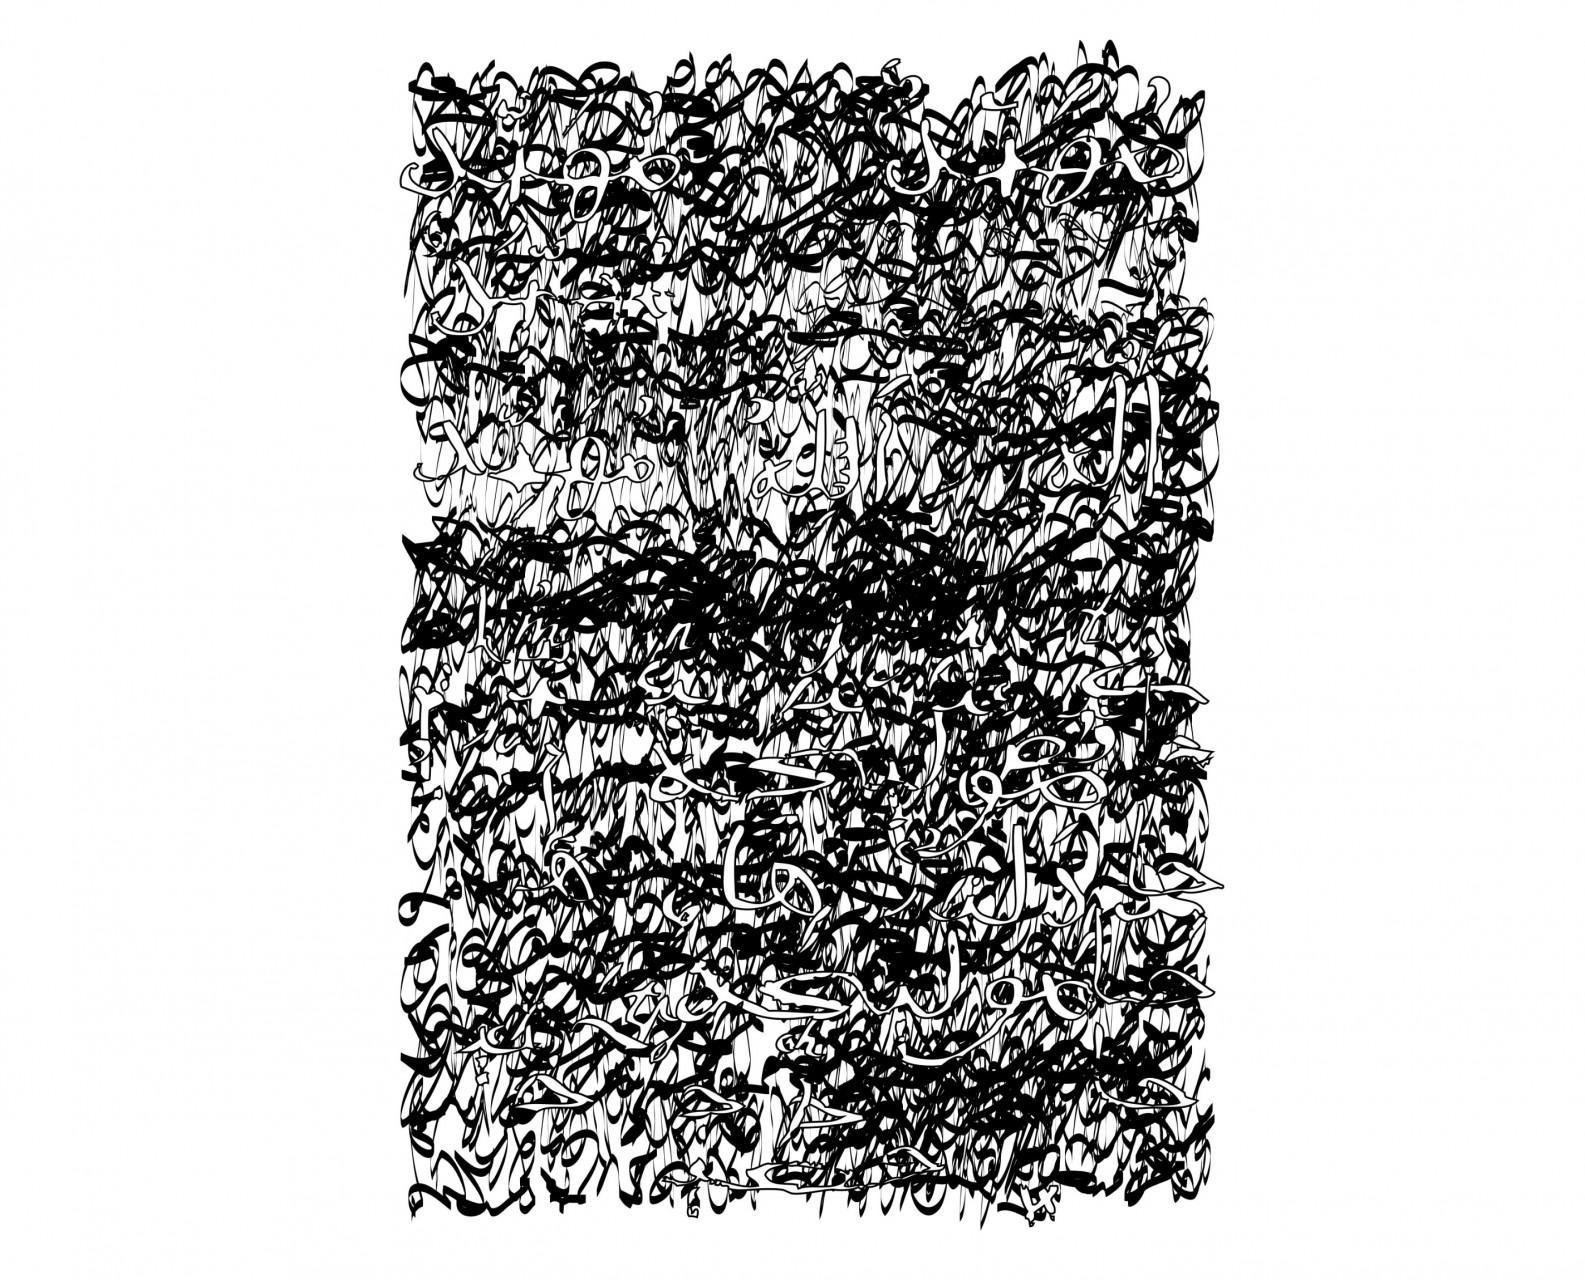 Palimpsest 014, 205 x 137 cm